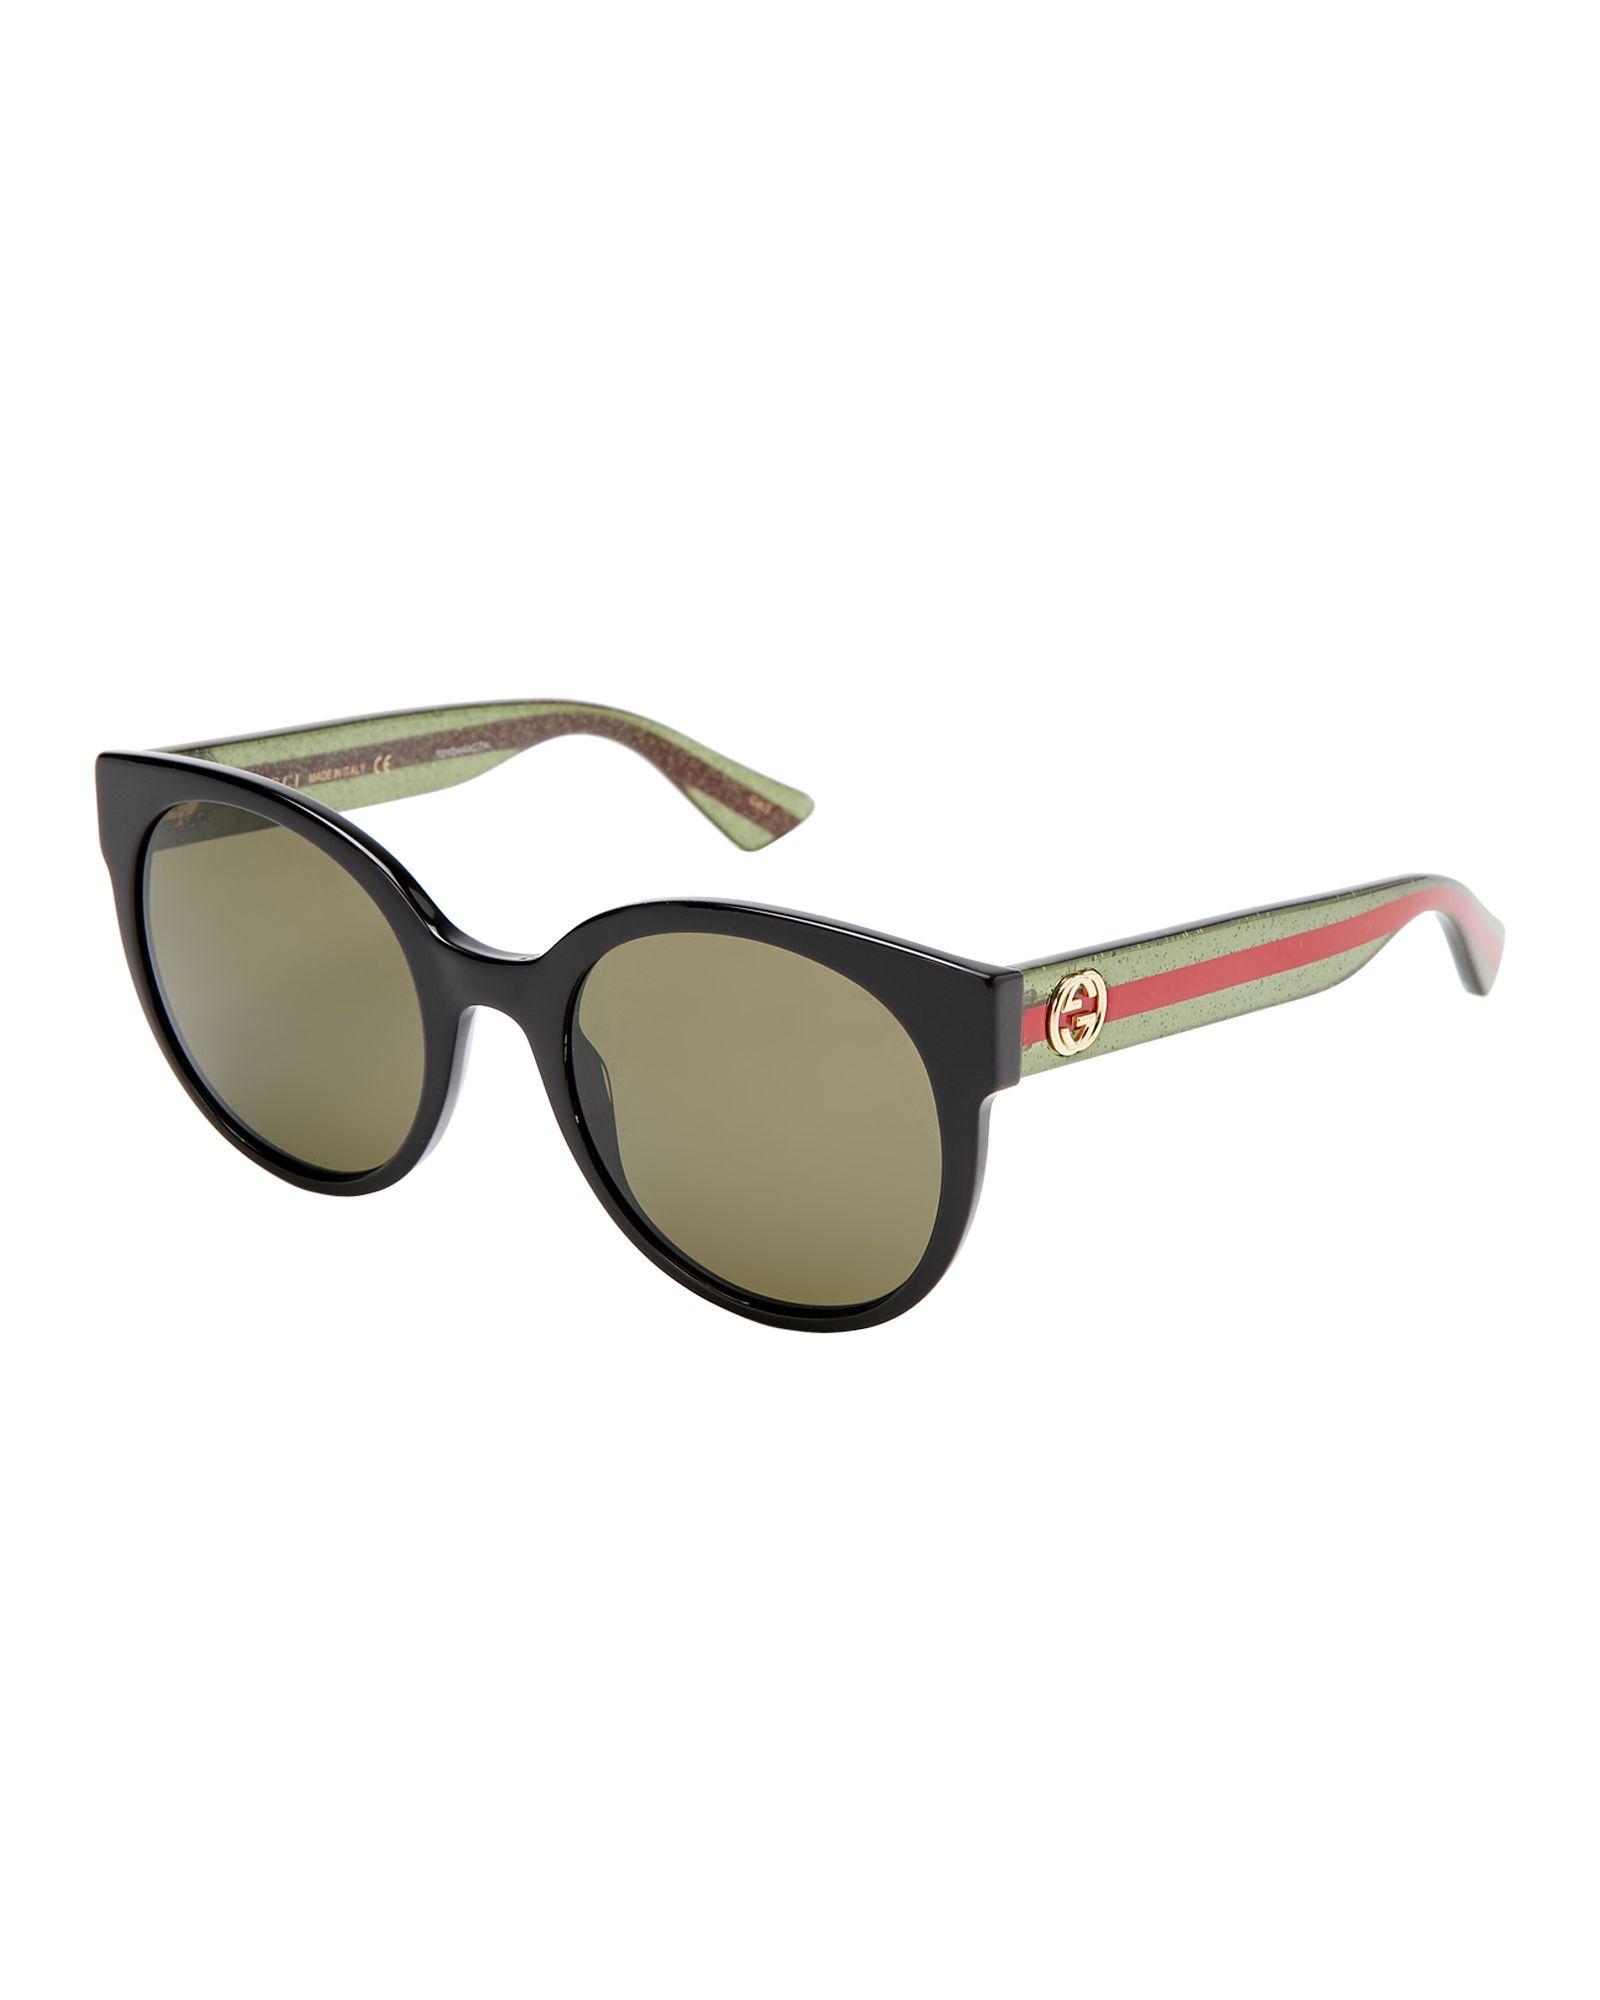 d440a46a22e Gucci GG 0035 S Black Round Sunglasses